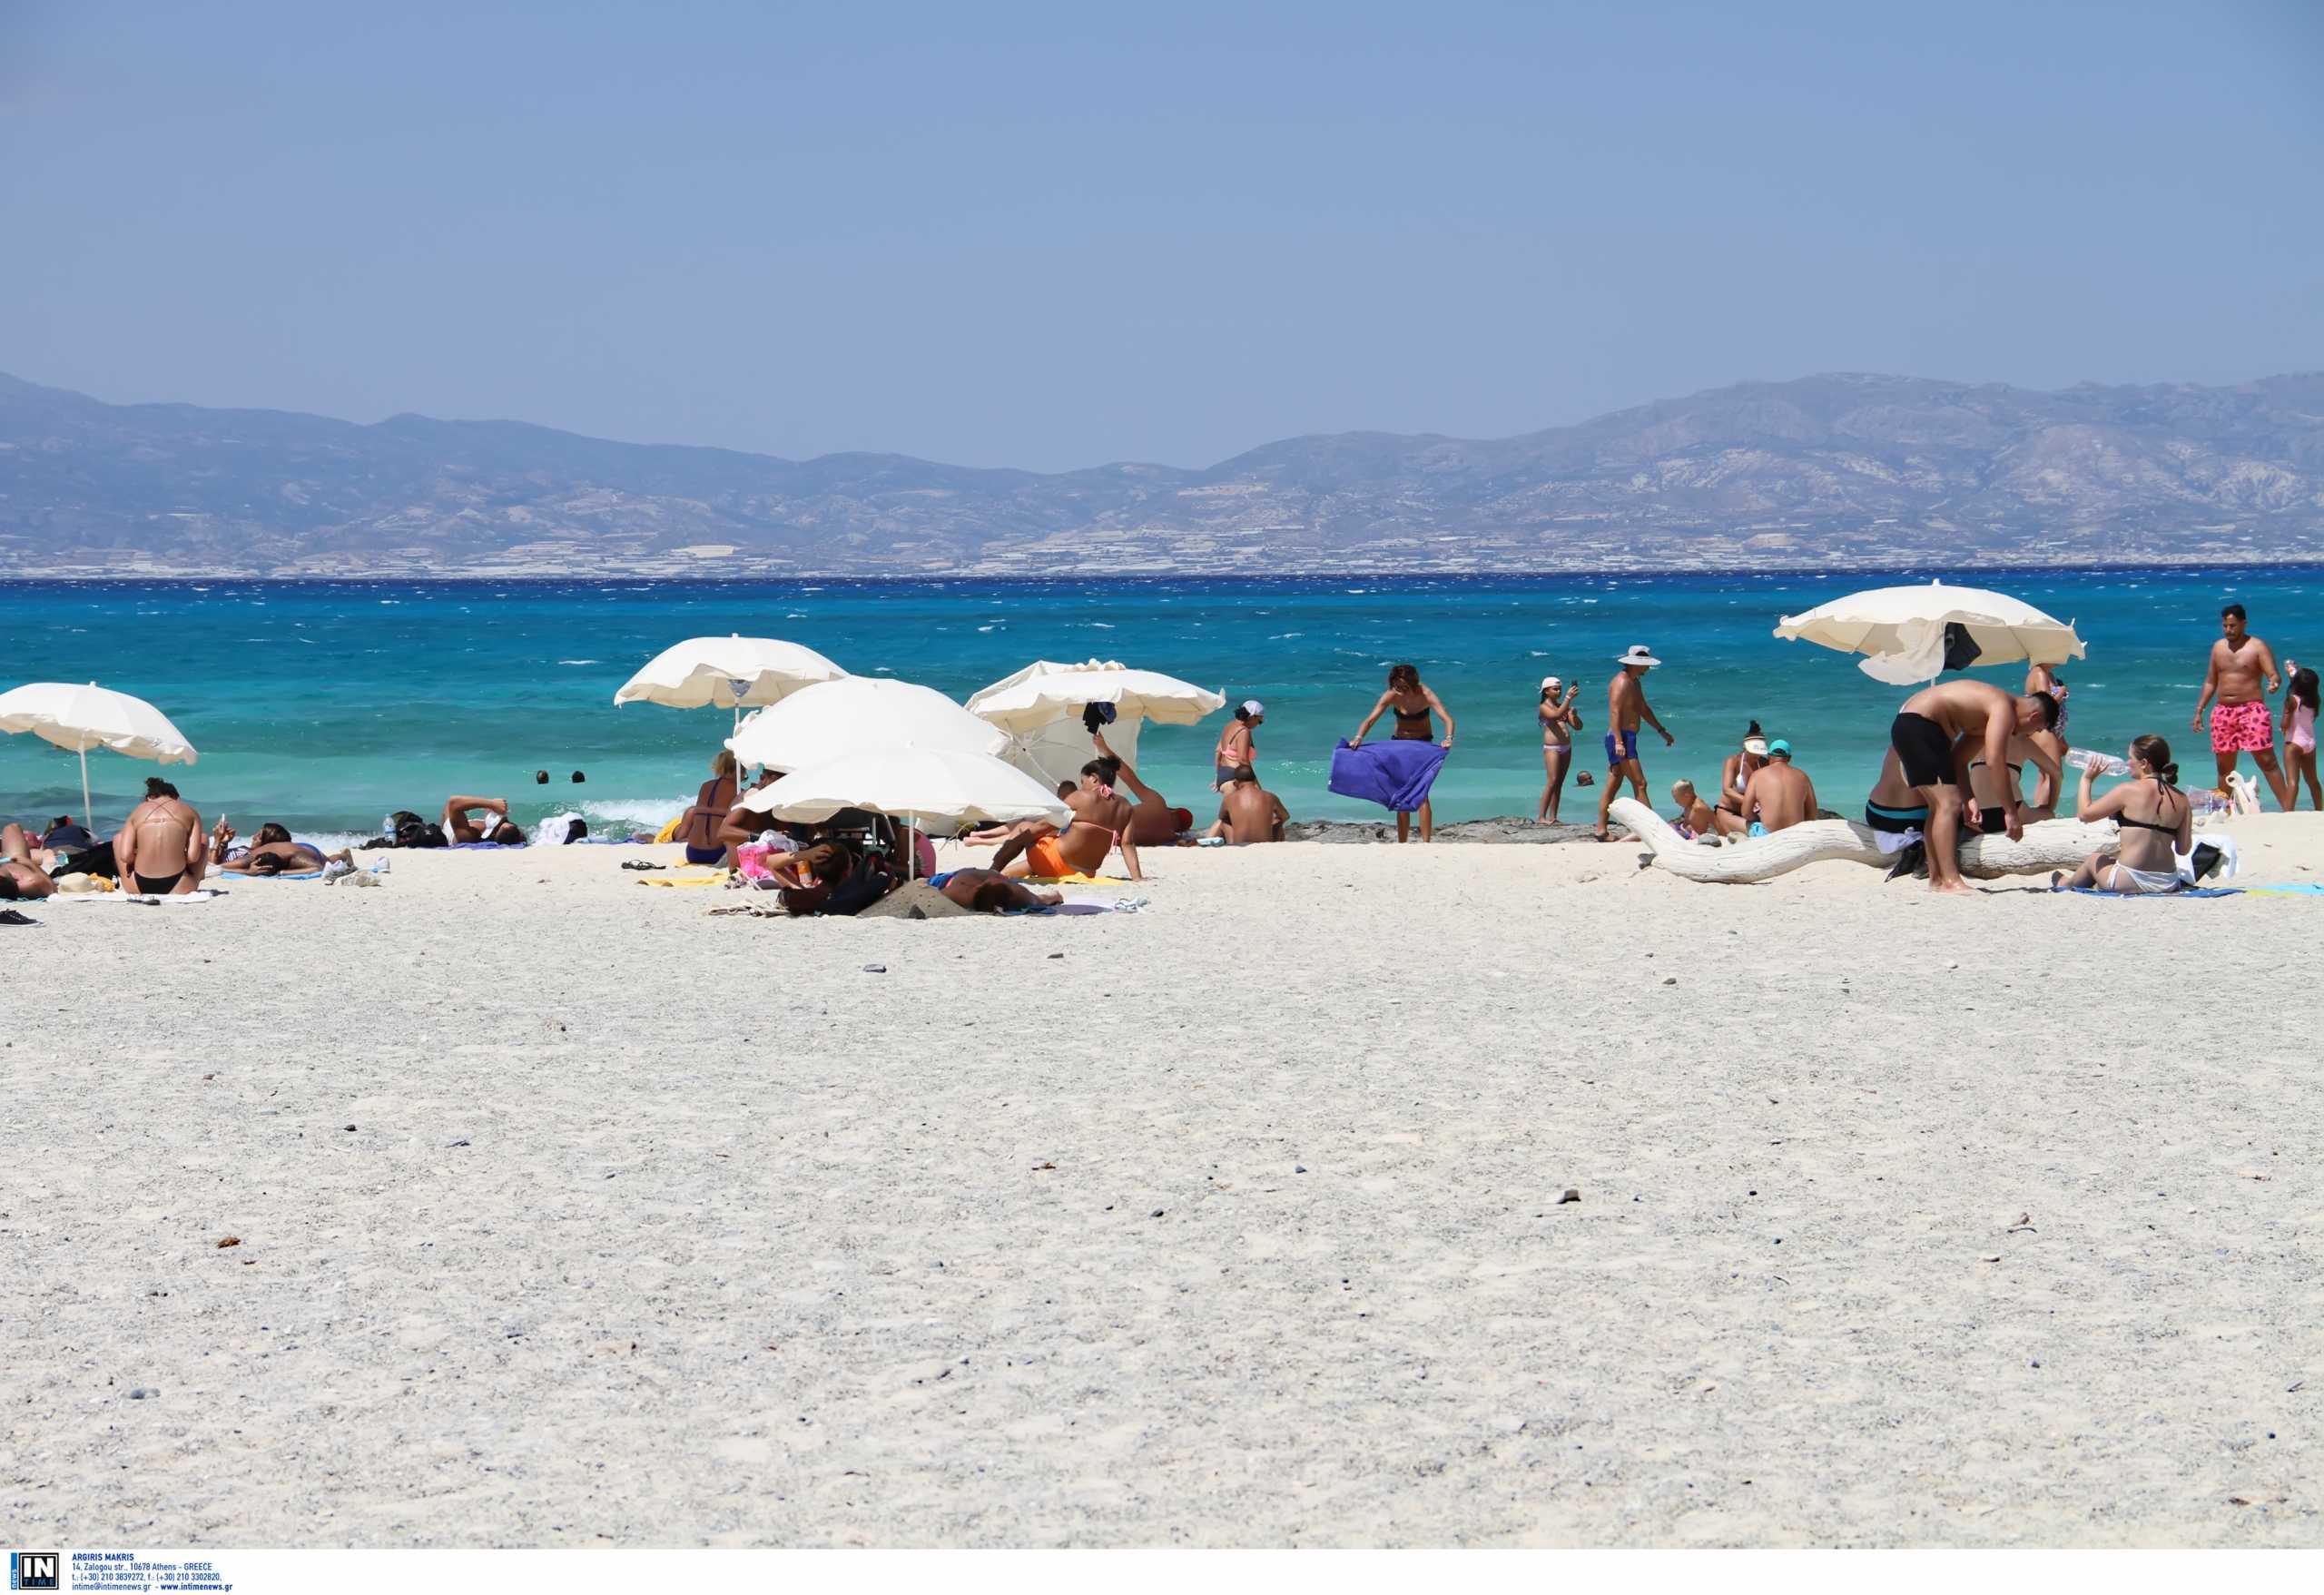 Καιρός: Πάσχα όπως καλοκαίρι – Που θα δείξει 35 βαθμούς